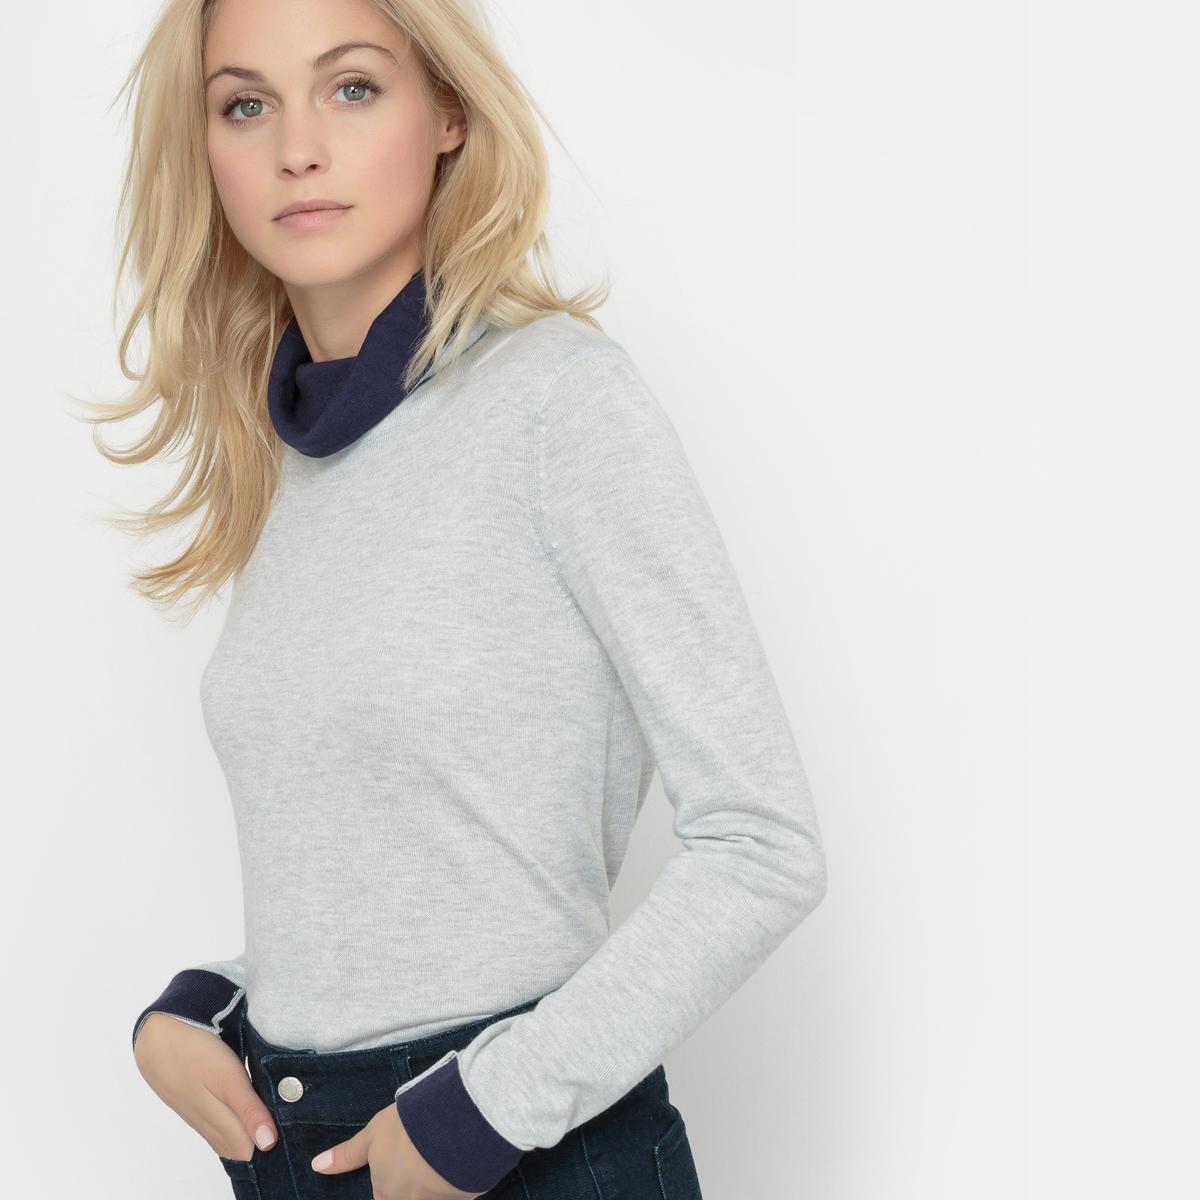 Пуловер двухцветный, воротник-хомут, шерсть в составе